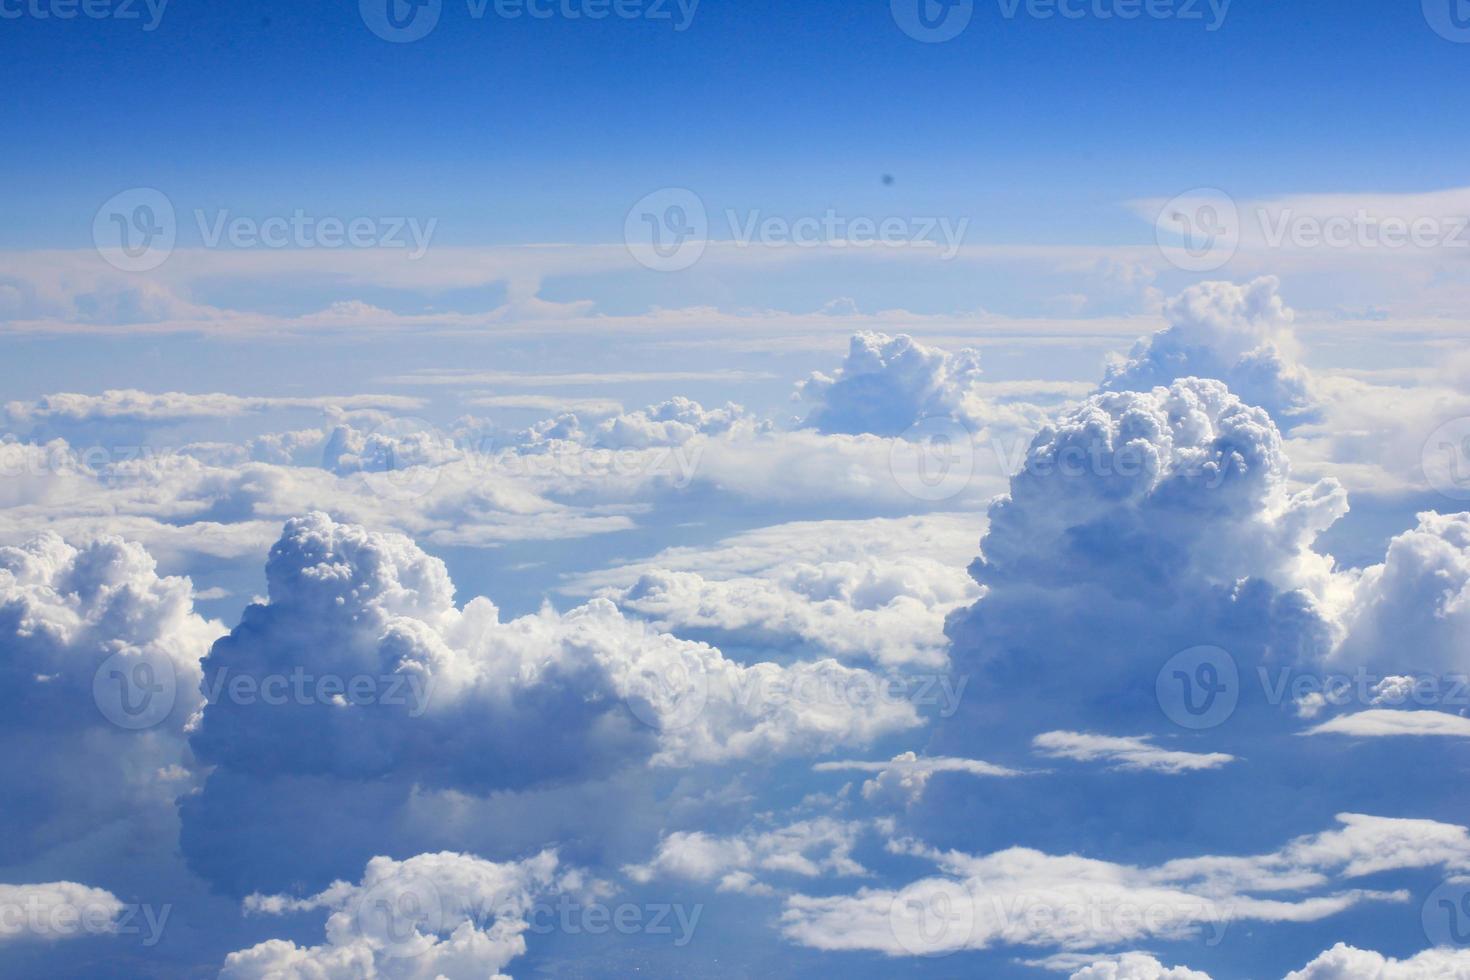 nubes y cielo vista desde un avión foto